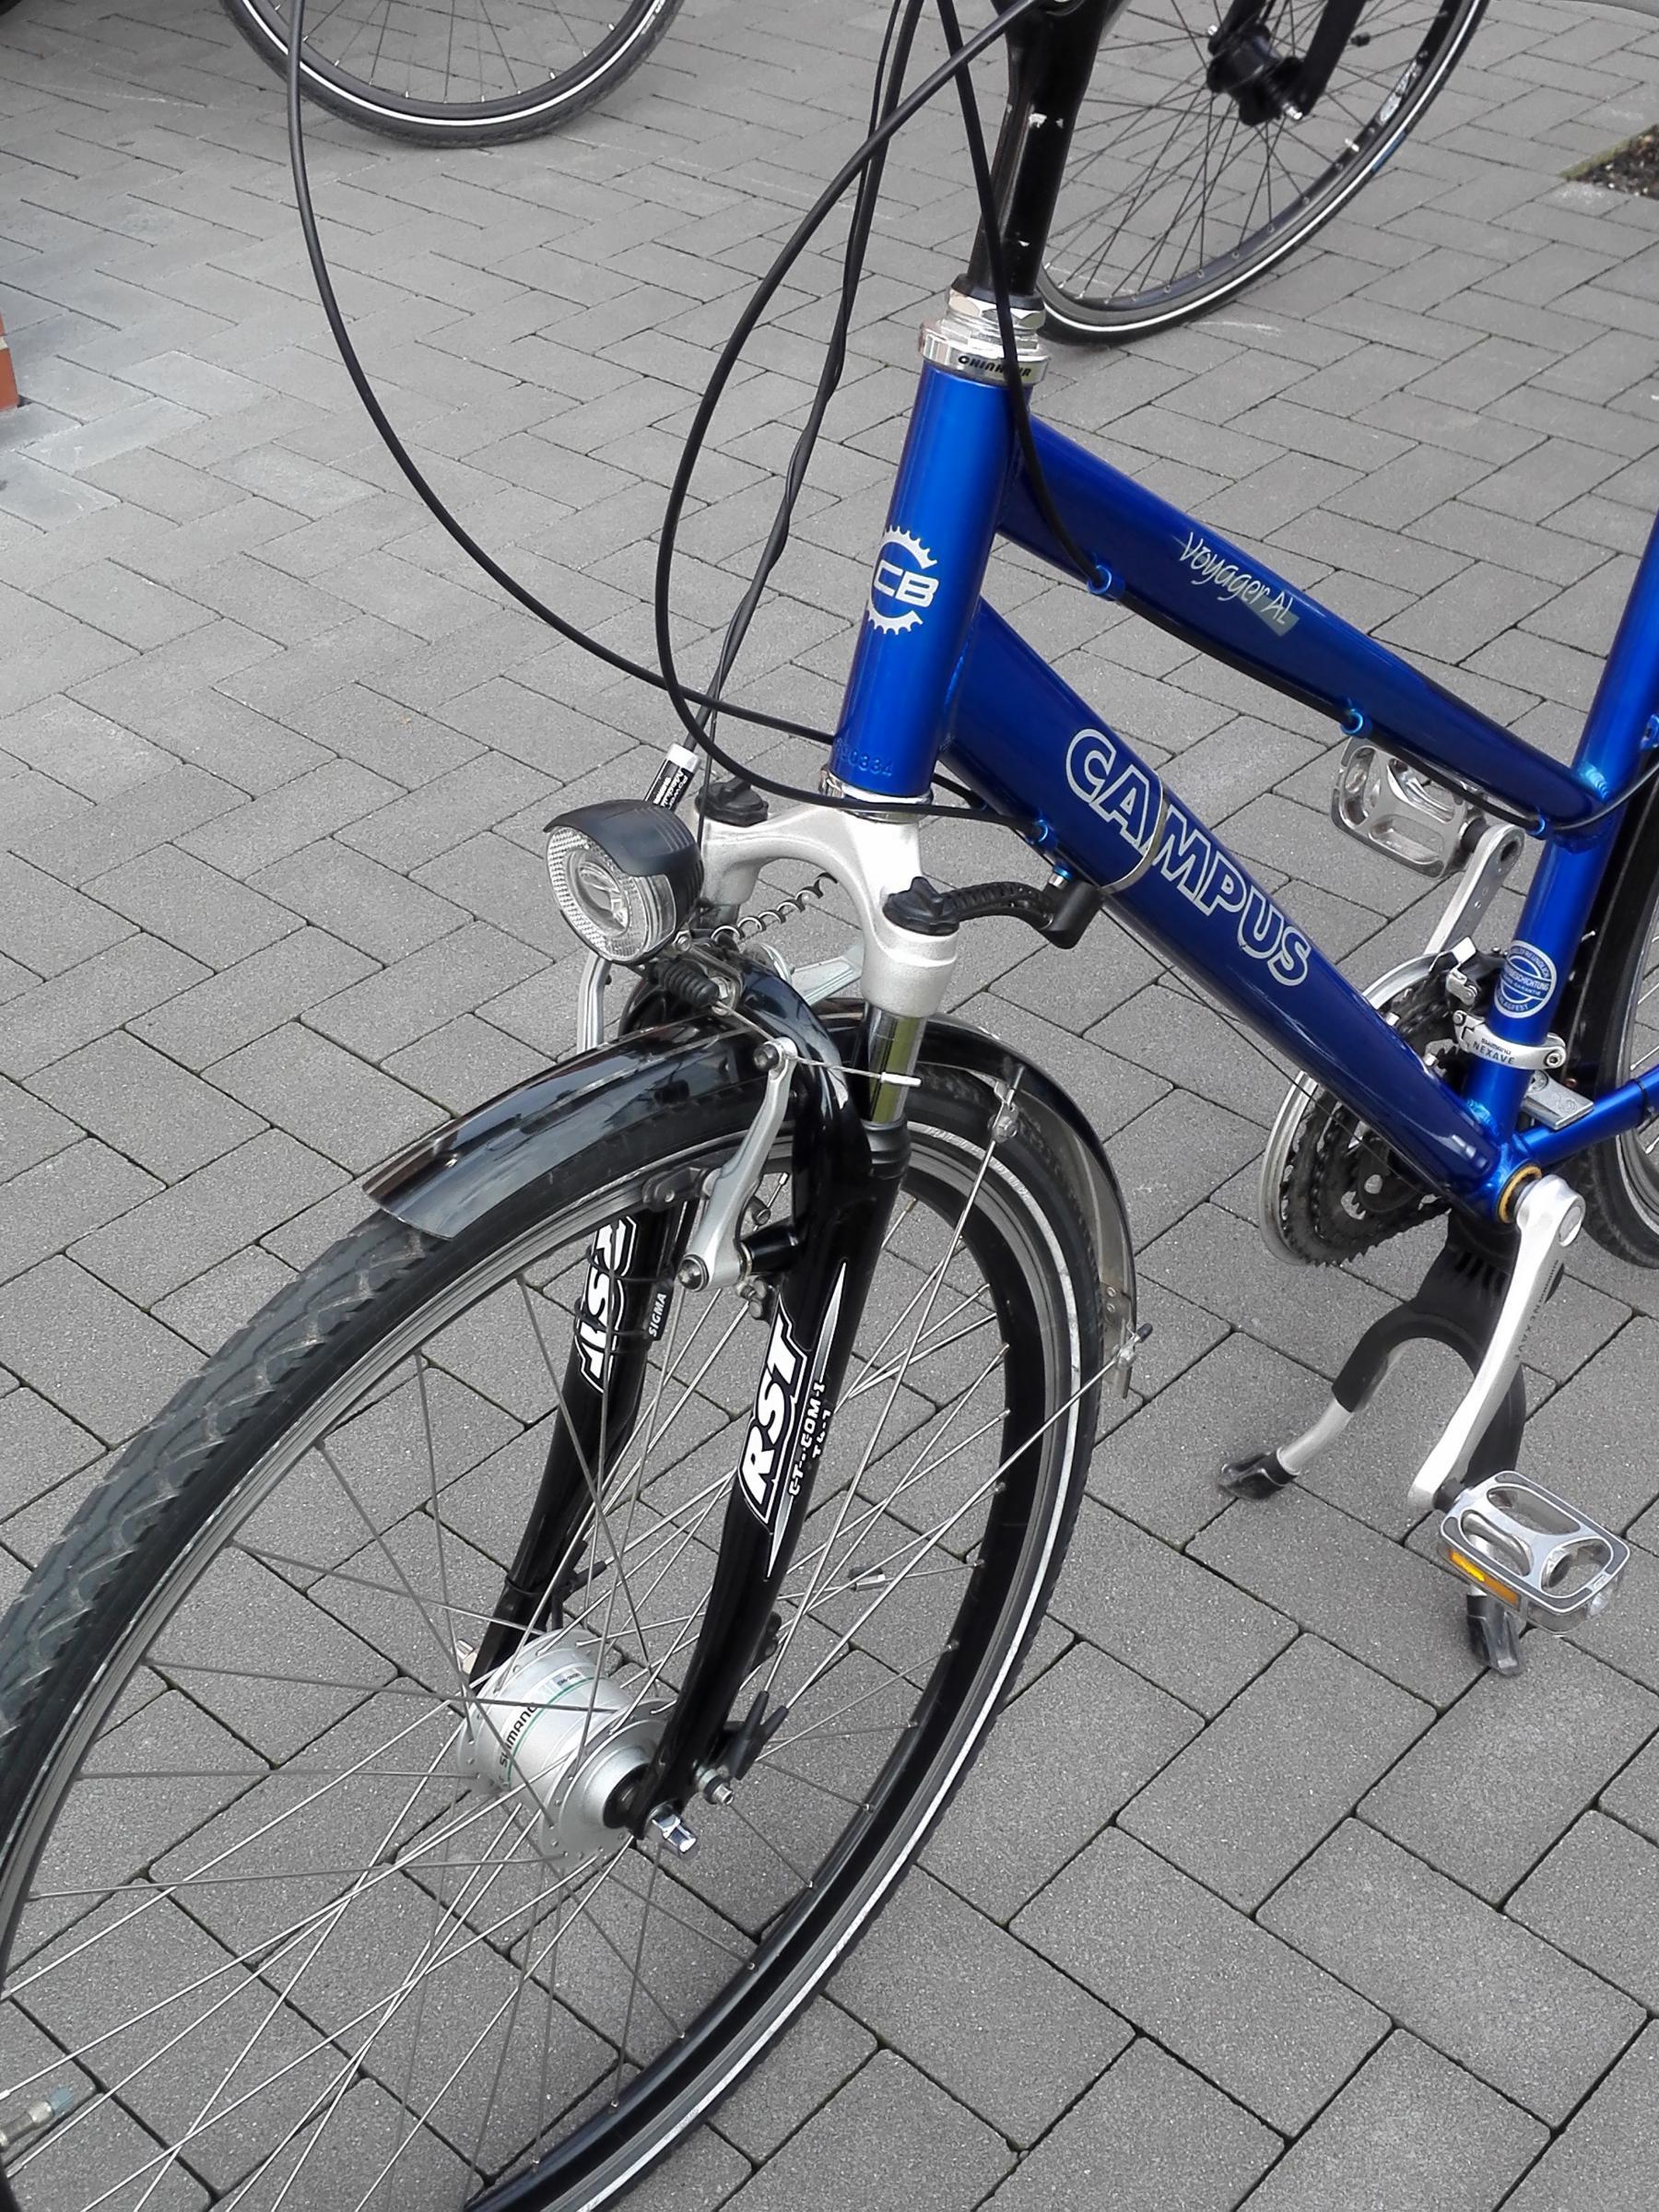 BIETE] Campus Voyager AL (2003) ; RH 52; Trapezrahmen - Fahrrad ...